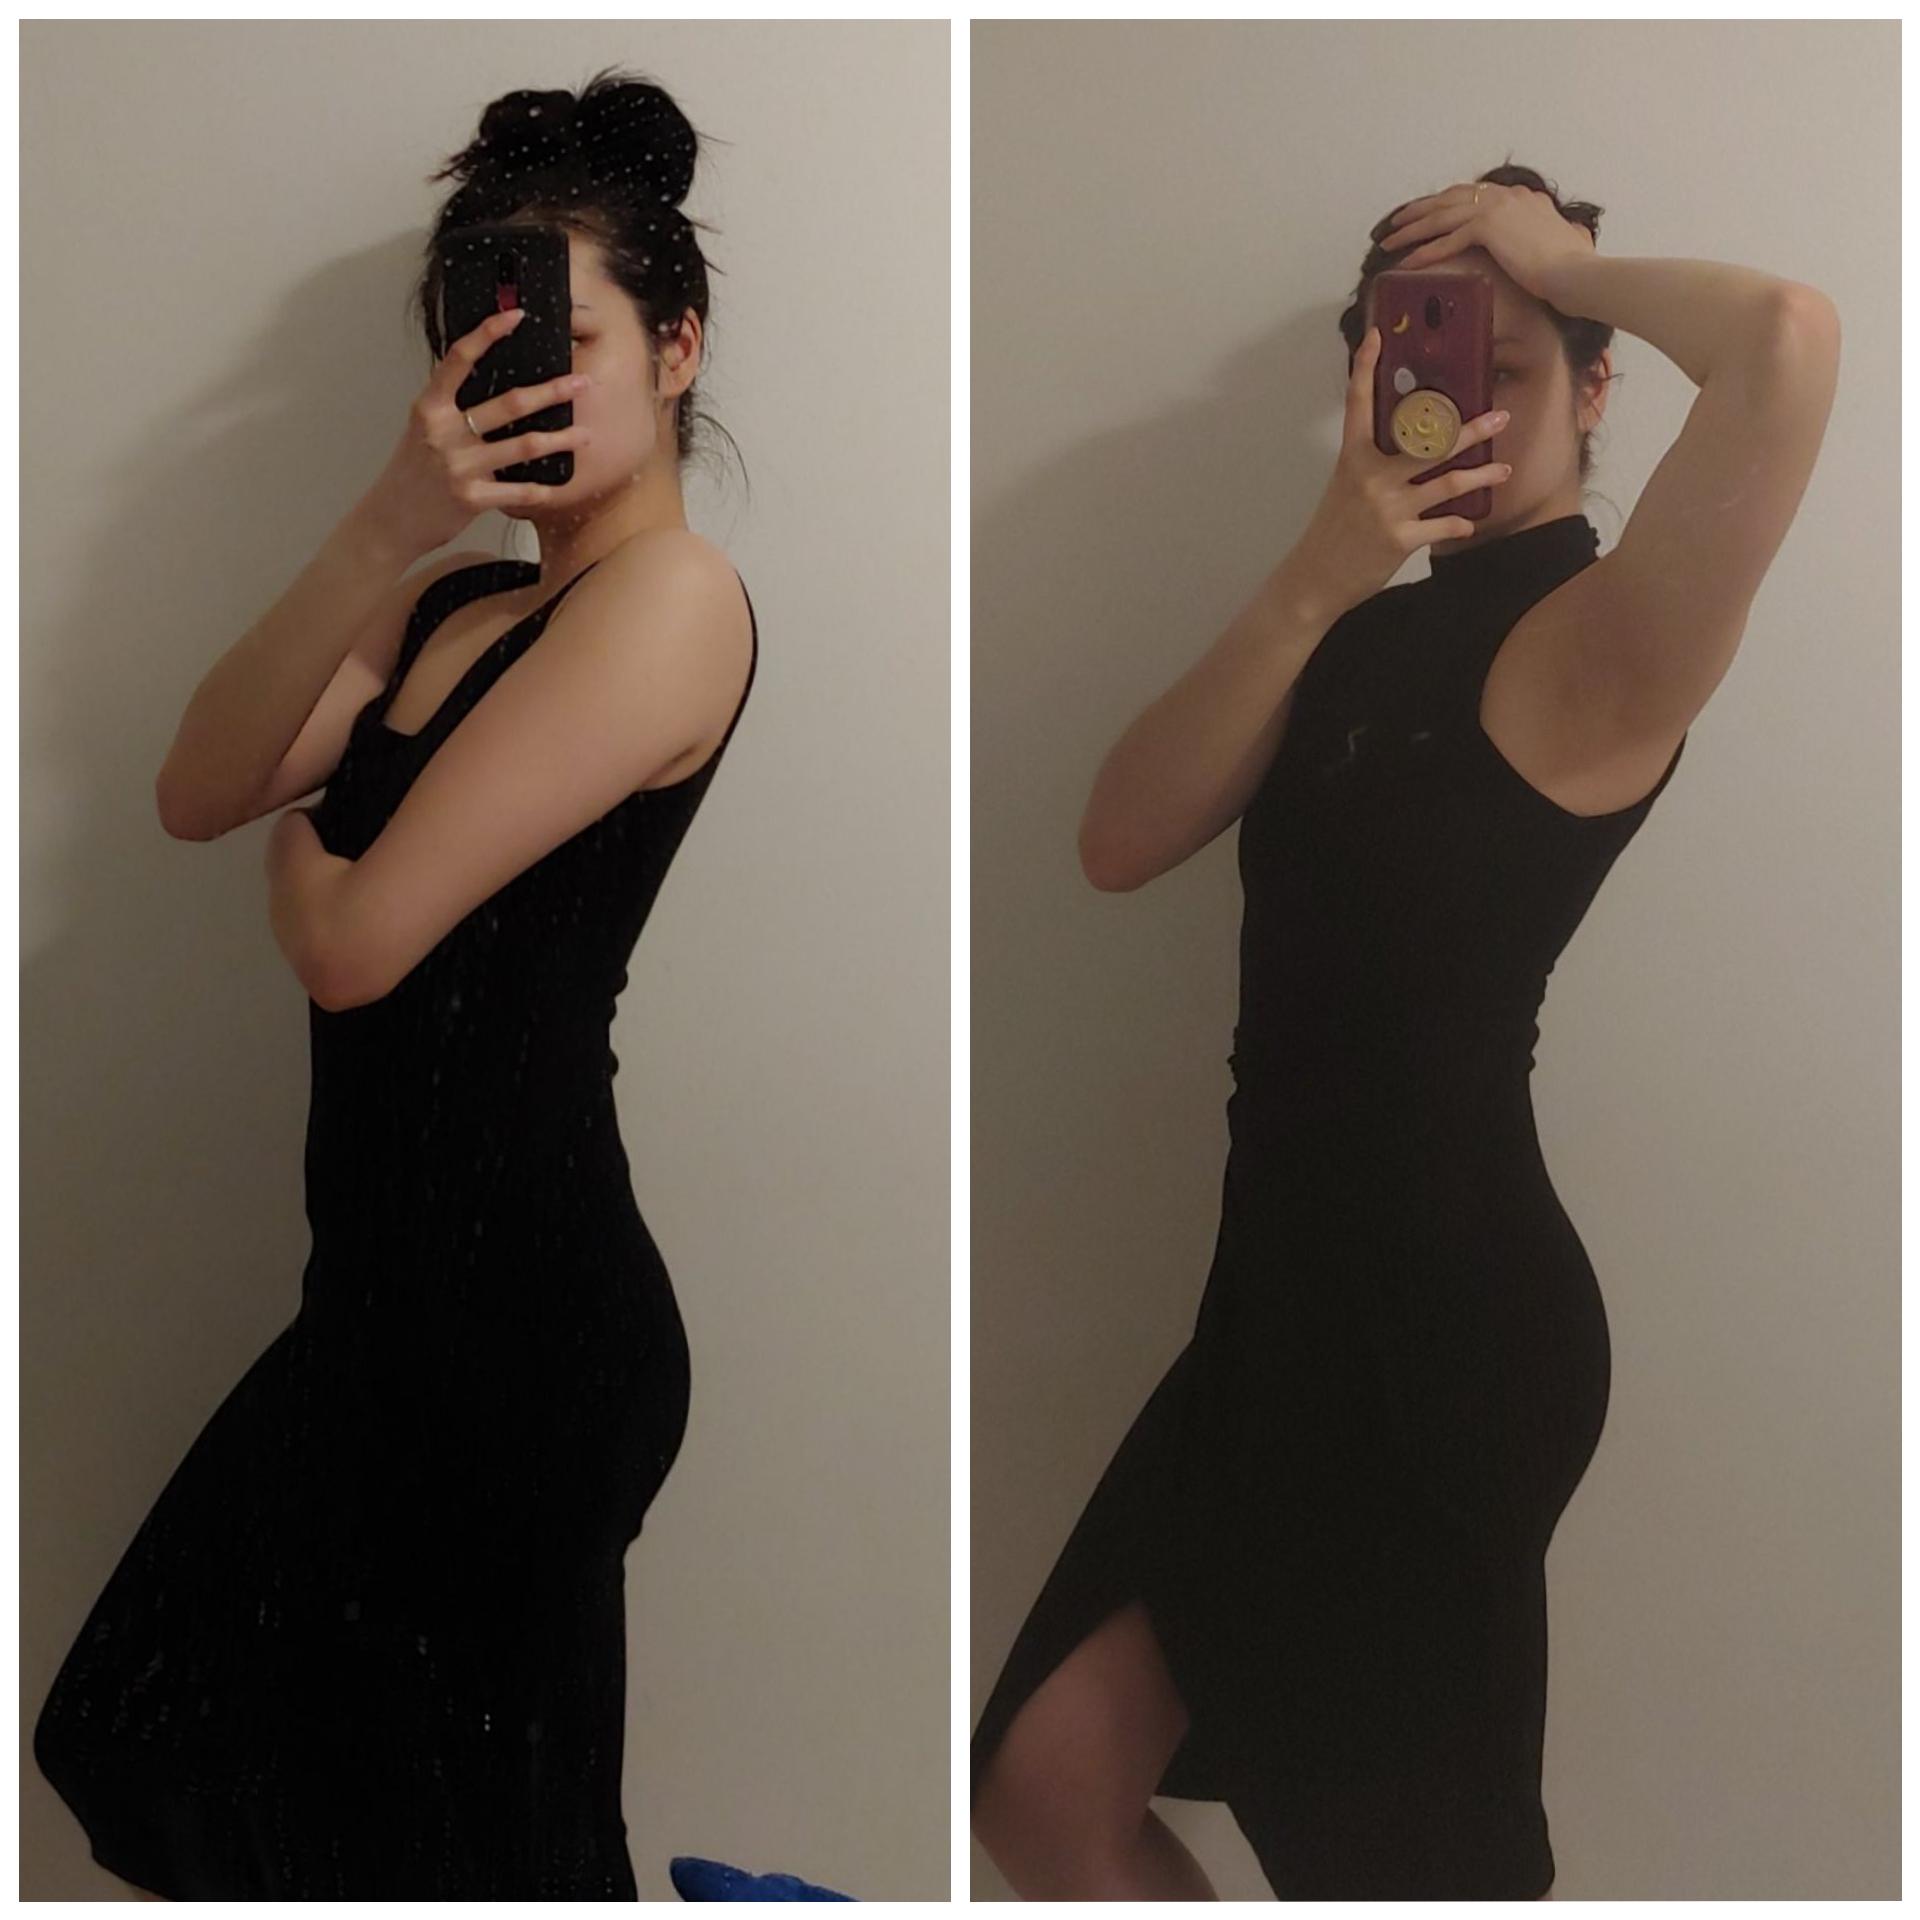 Progress Pics of 115 lbs Fat Loss 5'8 Female 135 lbs to 20 lbs